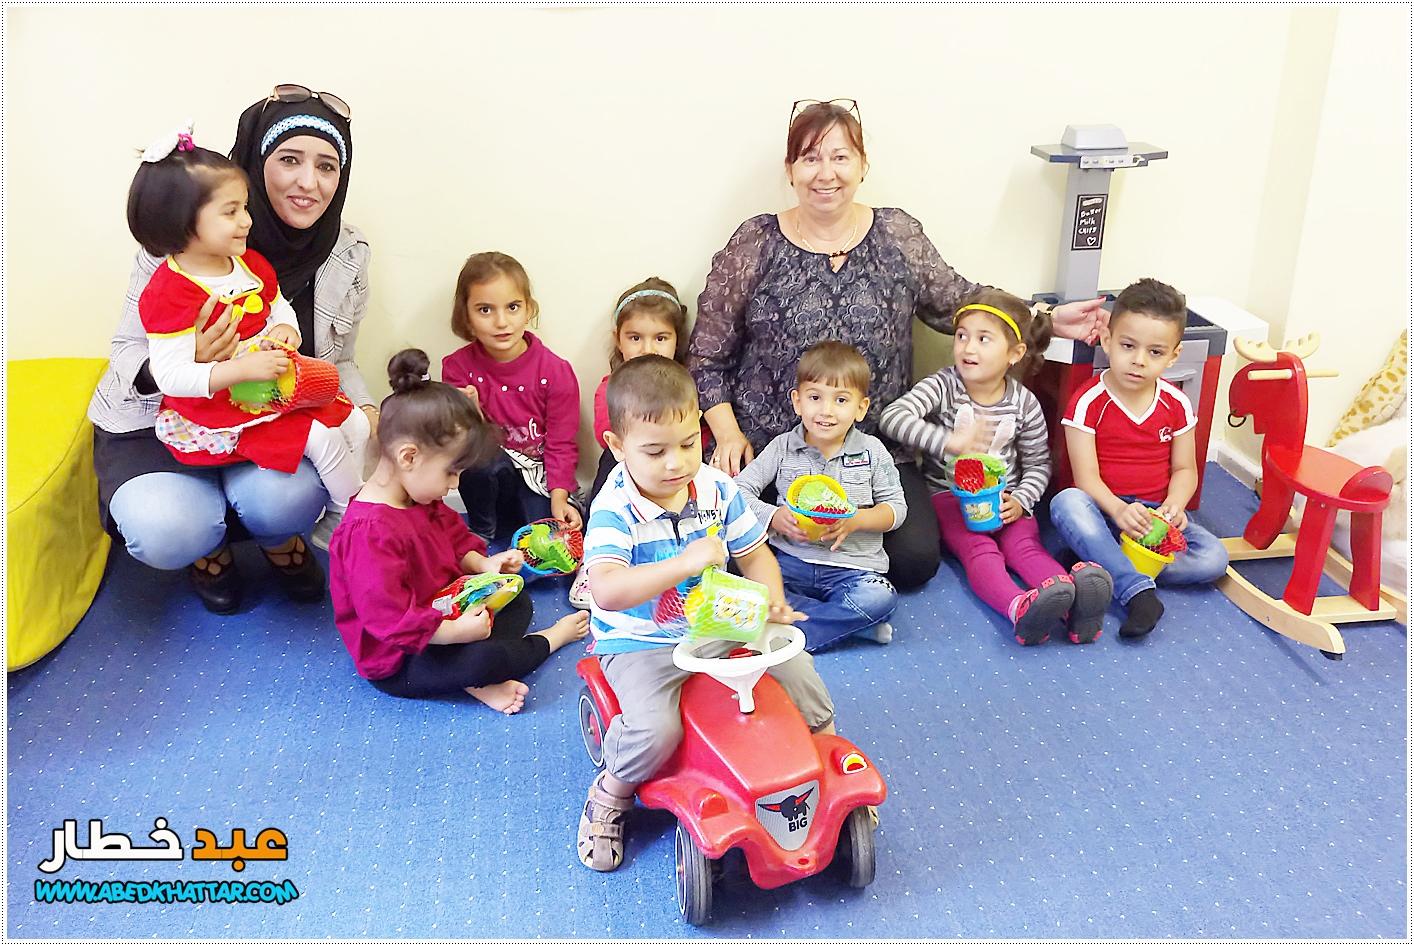 توزيع ألعاب وهدايا للأطفال بمناسبة عيد الفطر السعيد